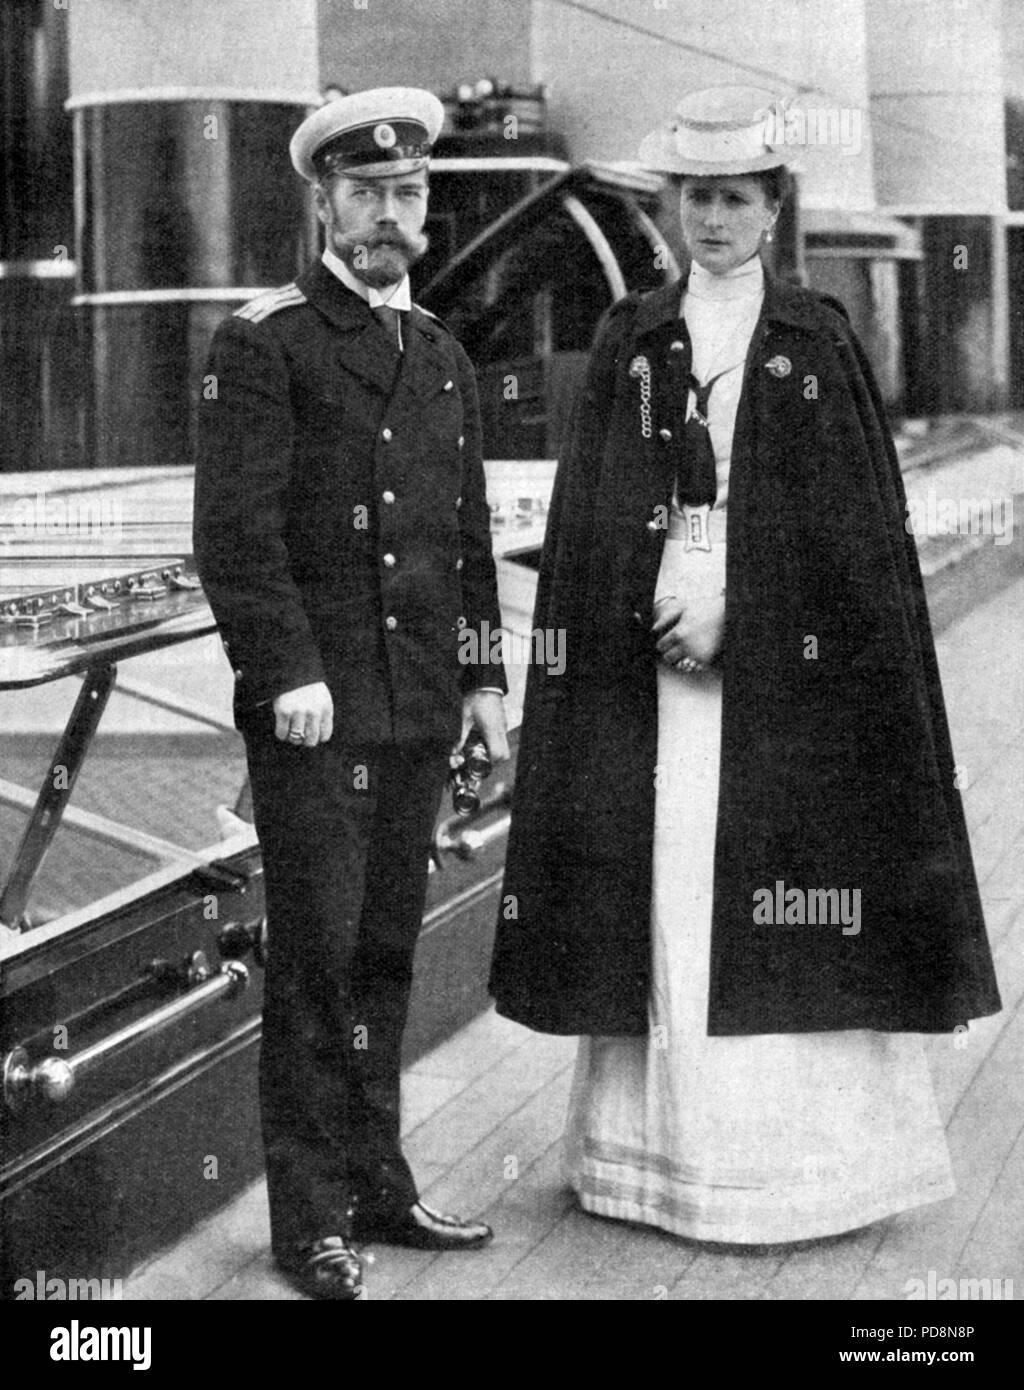 Zar Nikolaus II. von Russland. 1868-1918. Der letzte Kaiser von Russland. Hier im Bild mit seiner Frau Kaiserin Alexandra, 1872-1918. Stockbild